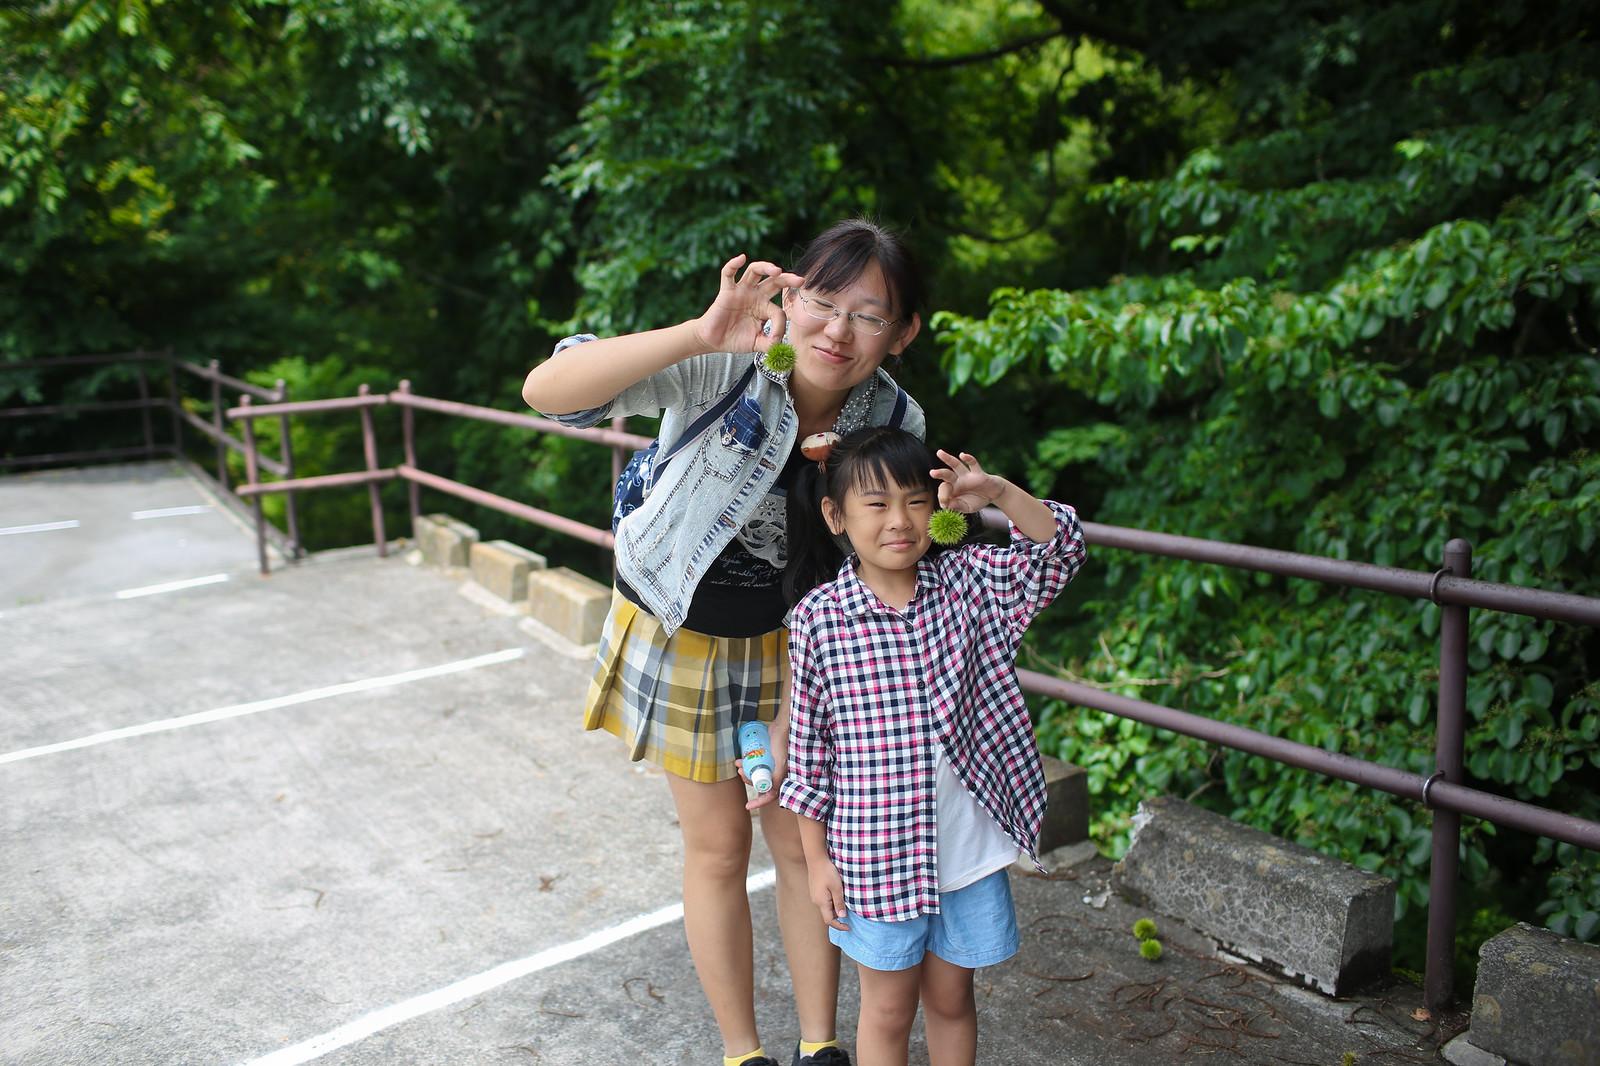 20170811-3P3C9453, Canon EOS 5D MARK III, Canon EF 35mm f/1.4L